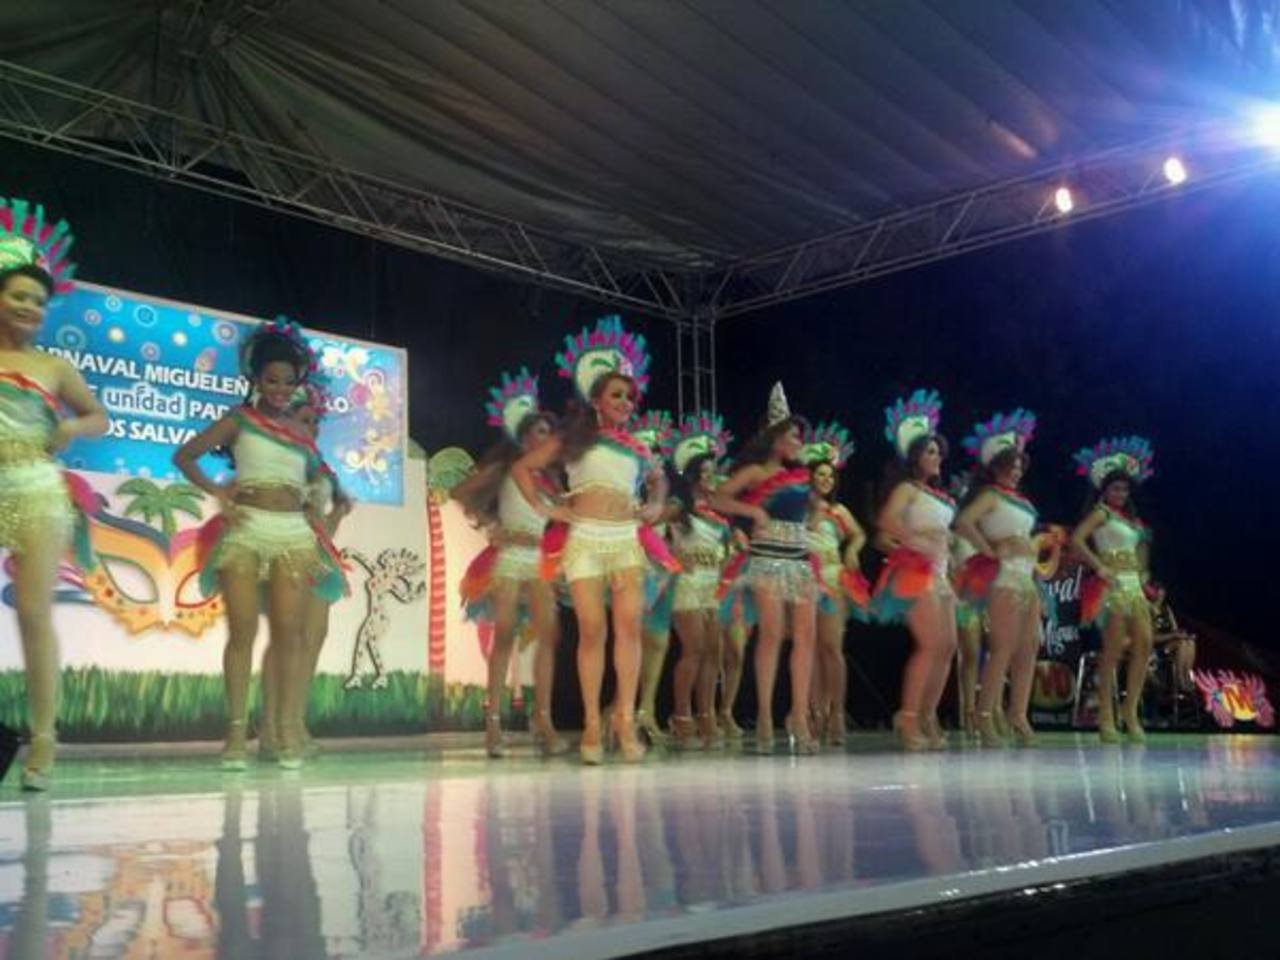 Las candidatas a reina del Carnaval de San Miguel fueron presentadas anoche en el Centro de Gobierno de la Perla de Oriente. Foto vía Twitter Carlos Segovia